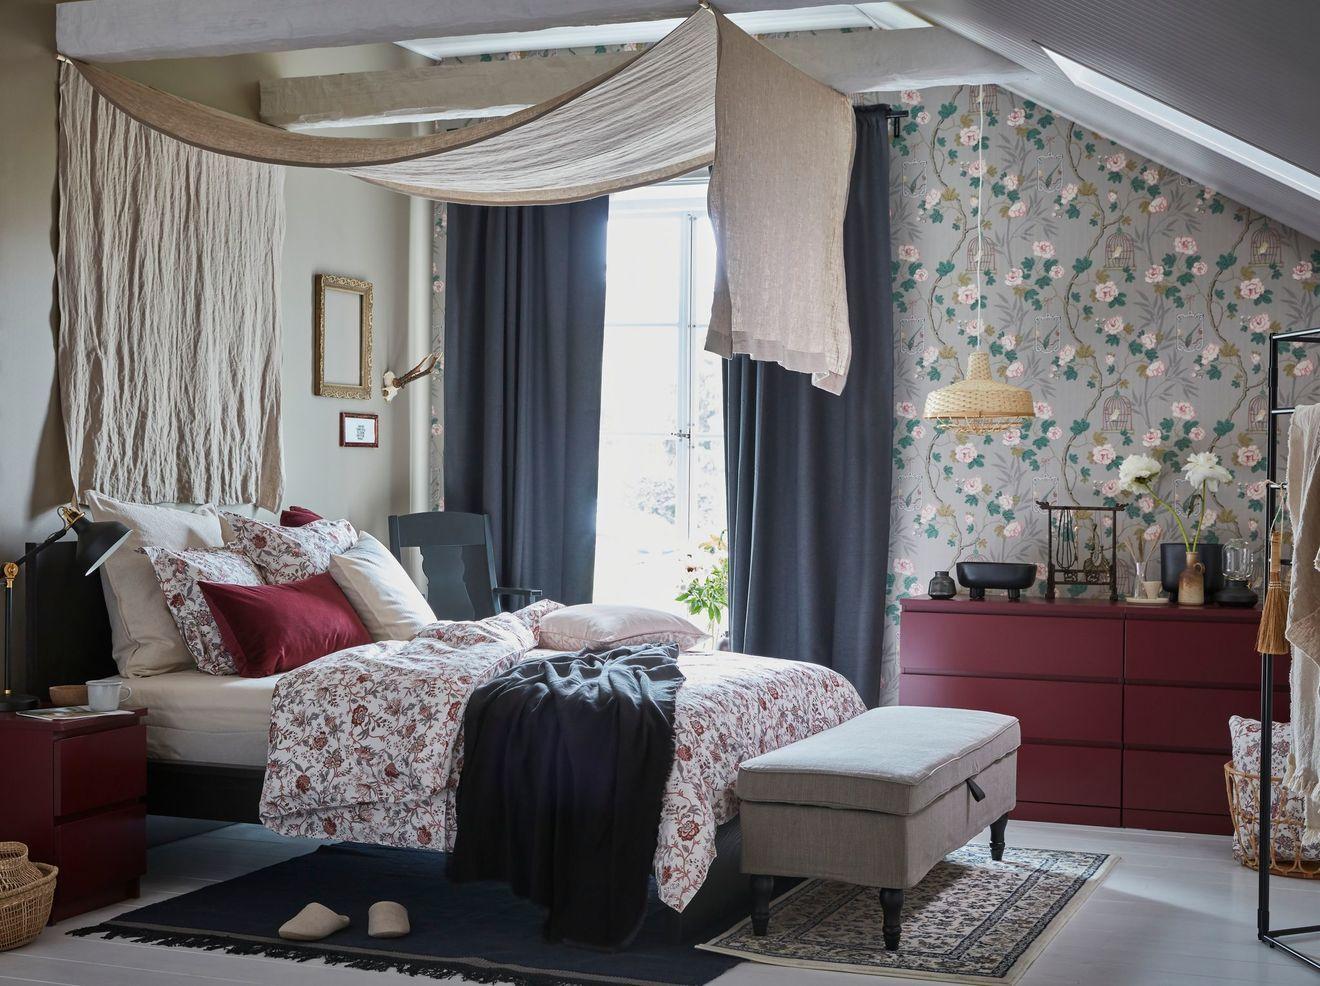 Bout De Lit Pour La Chambre Pratique Furniture Home Decor Bedroom Decor